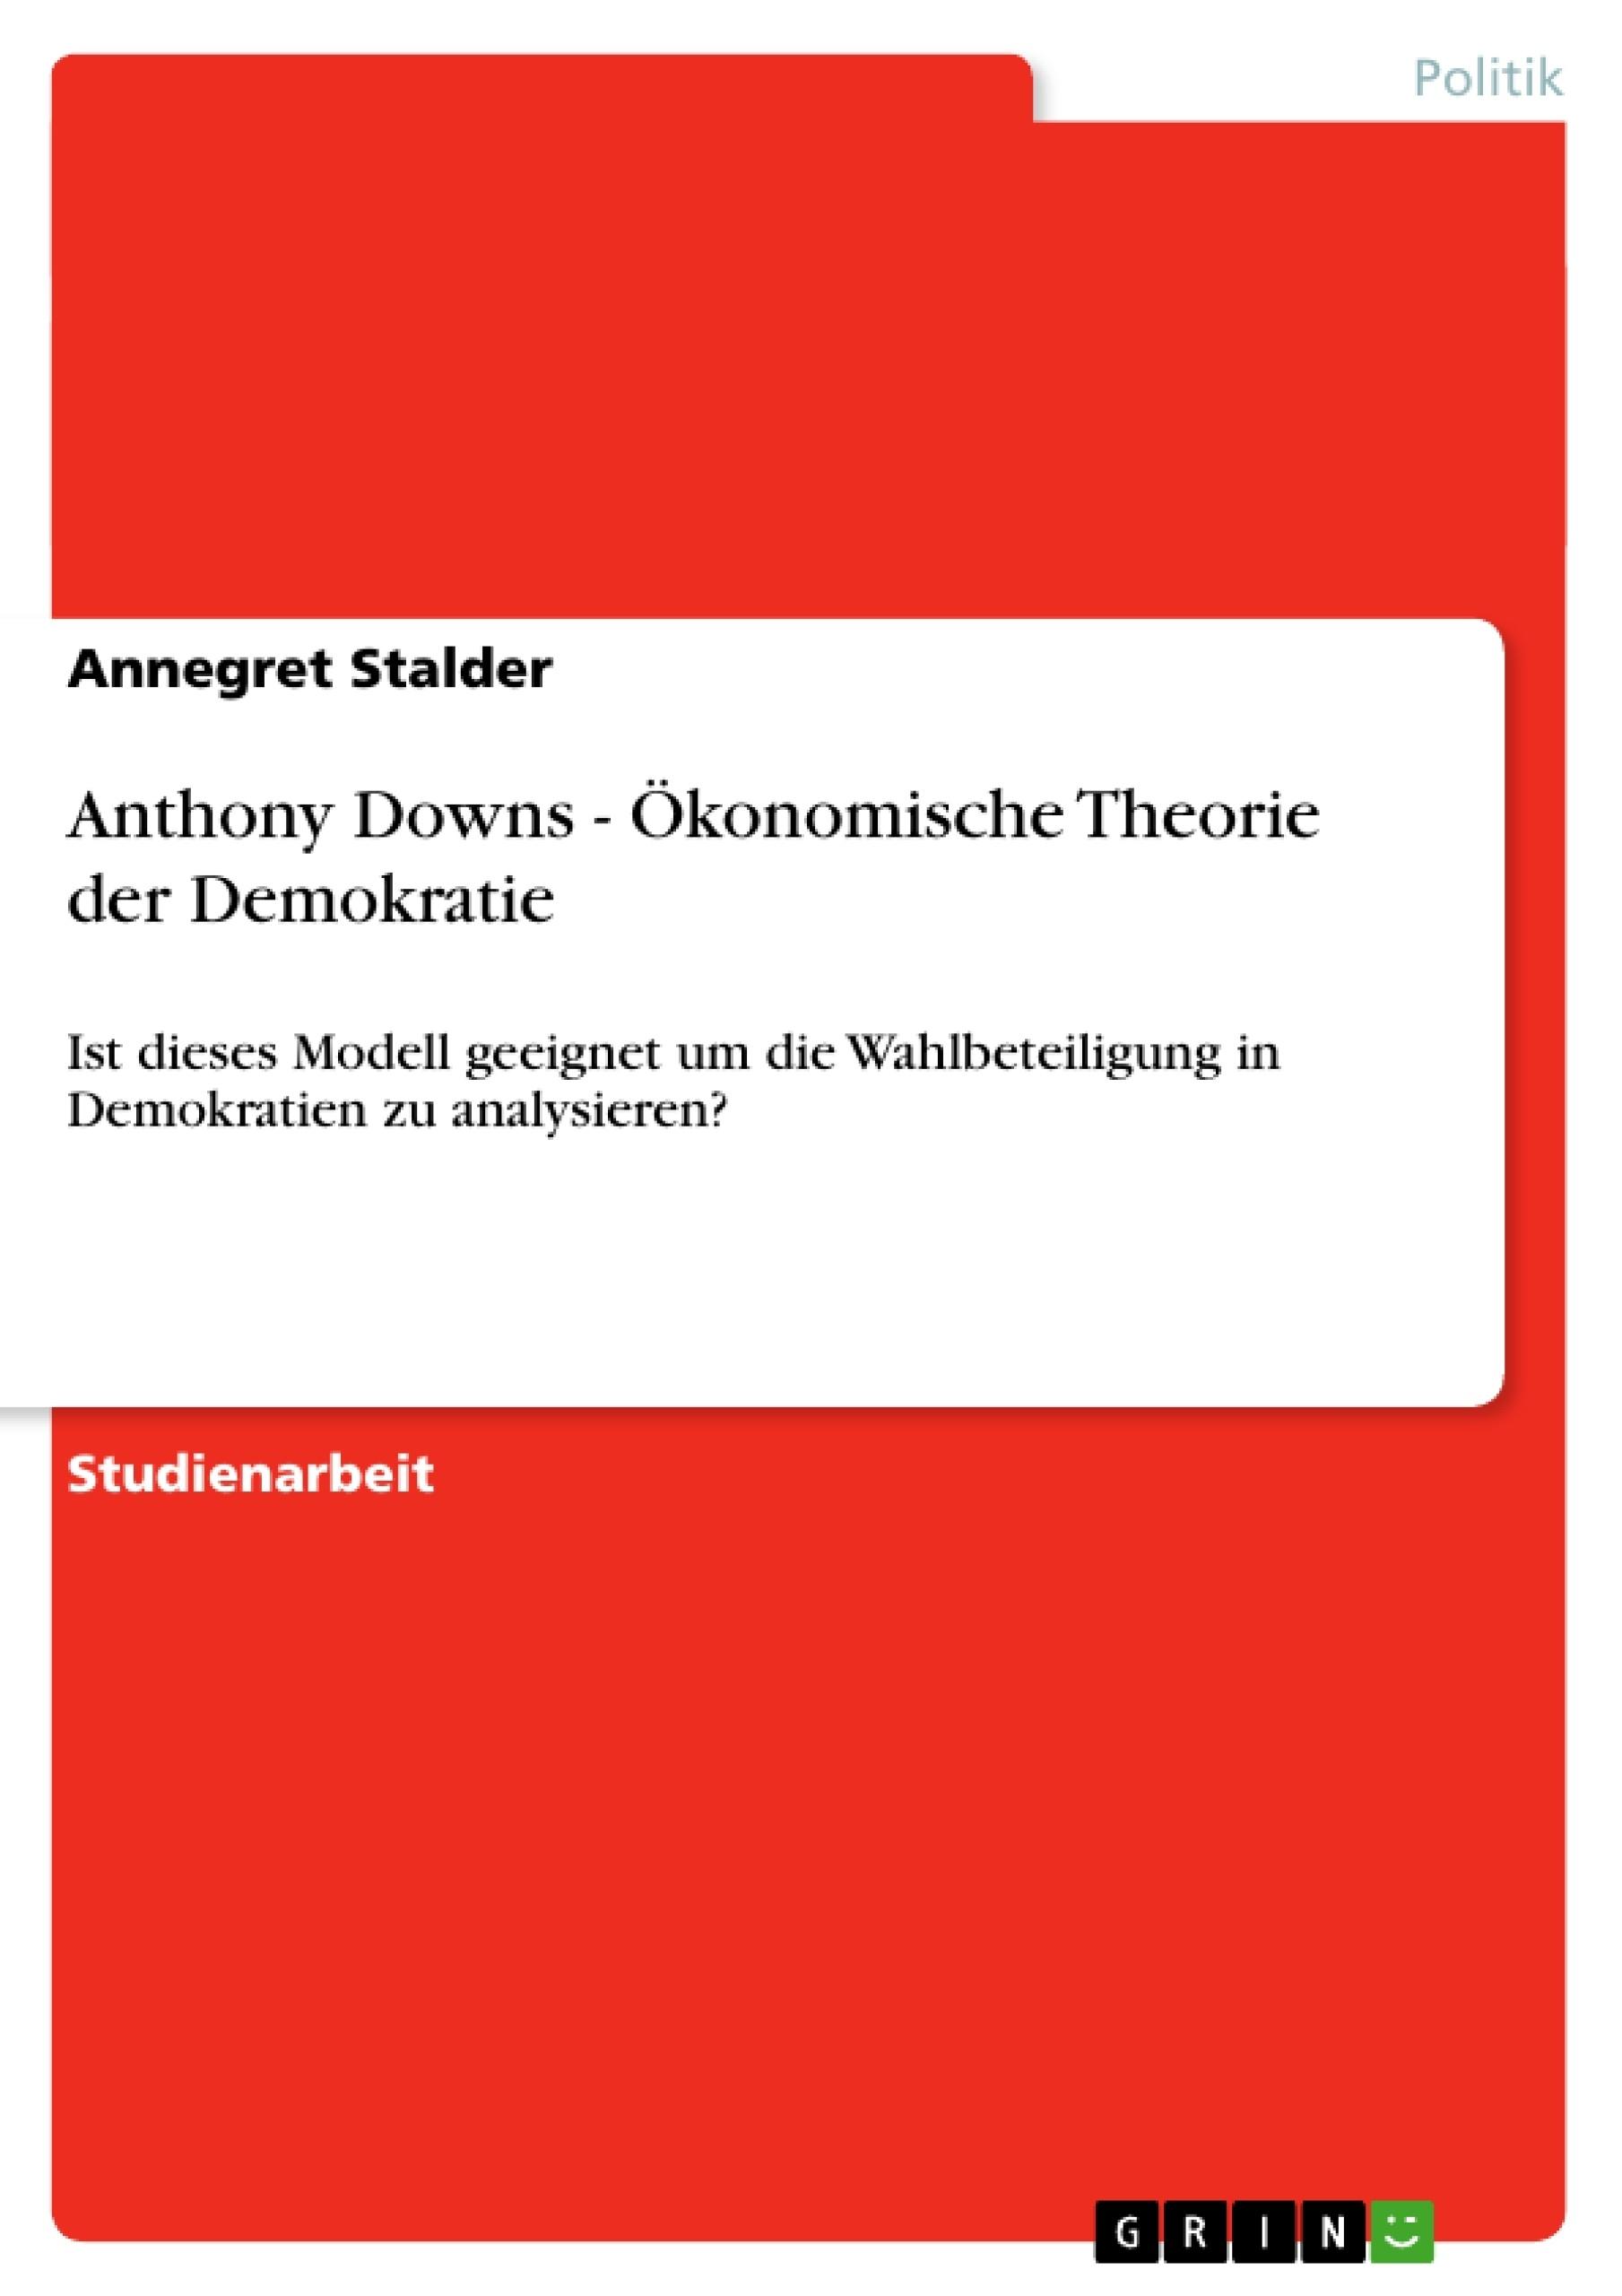 Titel: Anthony Downs - Ökonomische Theorie der Demokratie